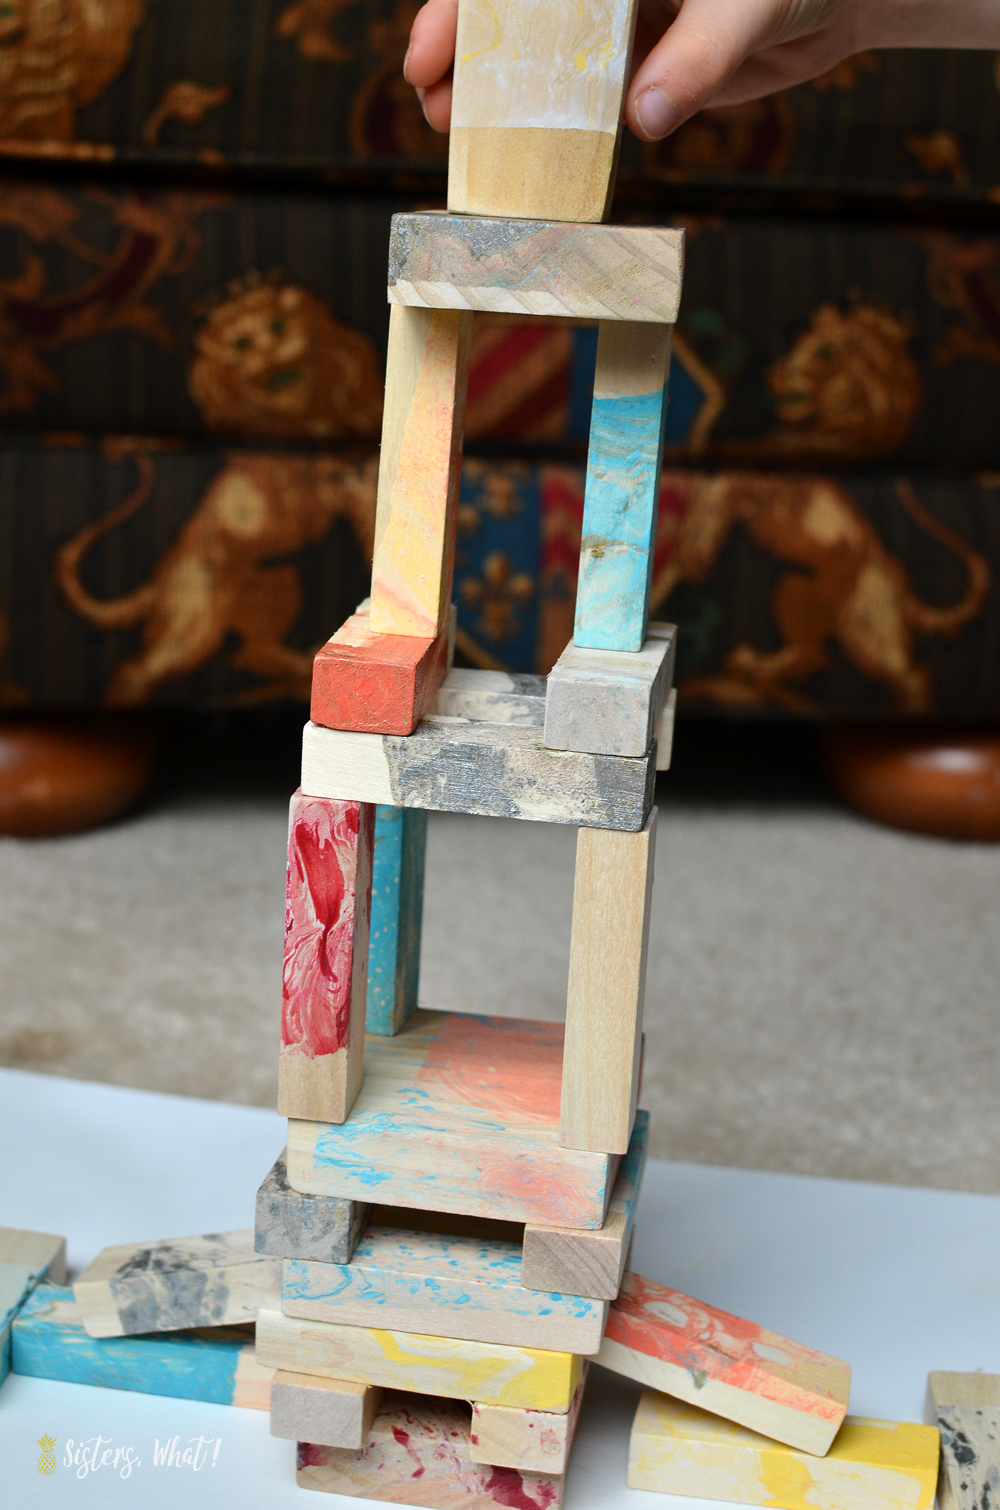 rainbow colorful marbleized painting on jenga wood blocks